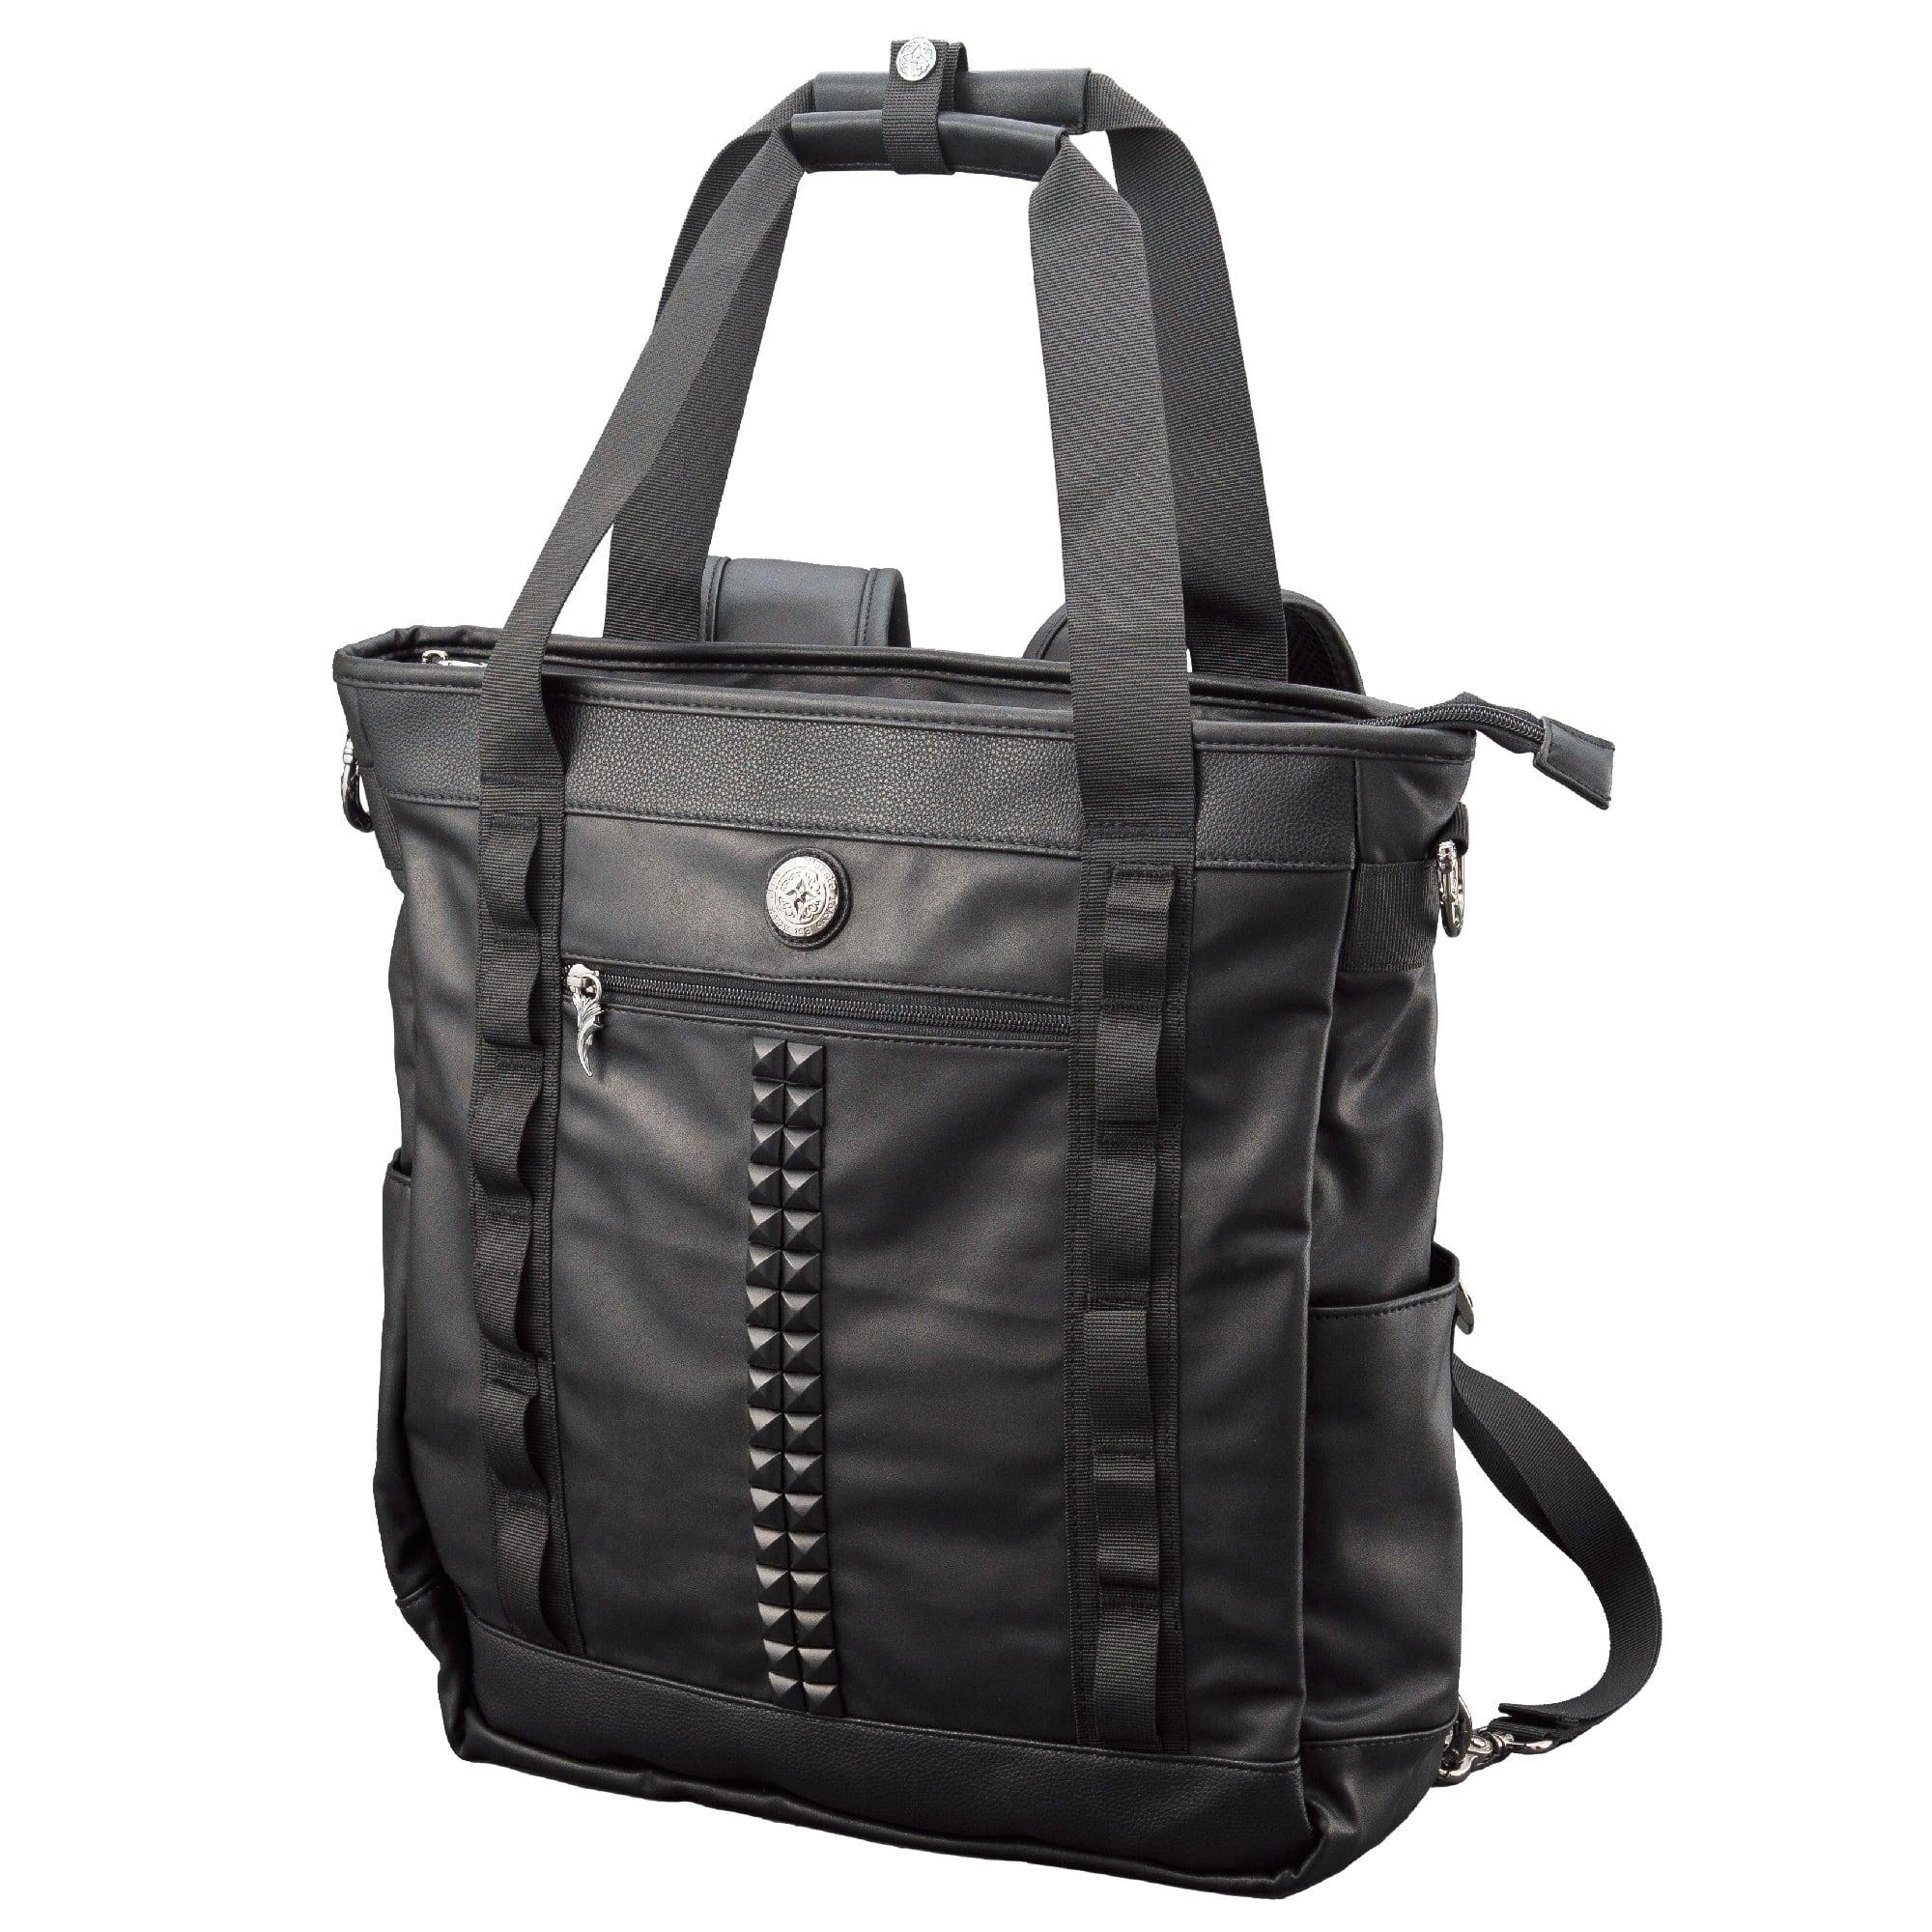 3Wayトートバッグパック ACBG0029 3Way tote bag pack